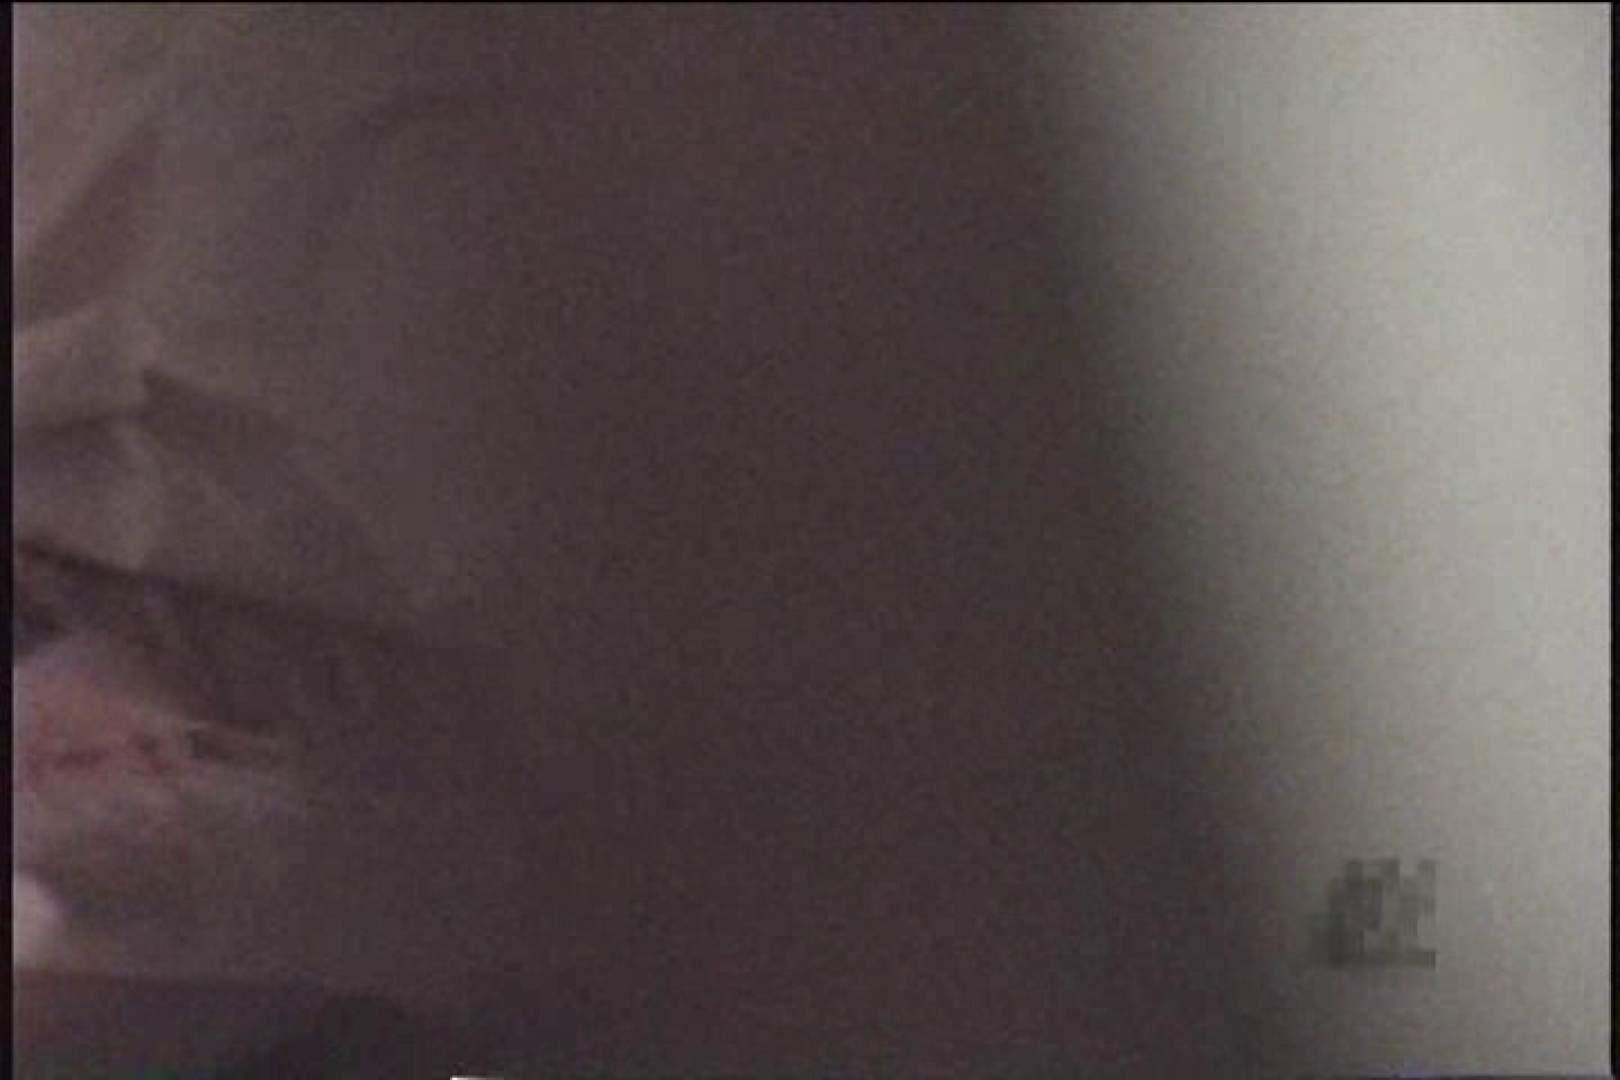 暗躍する夜這い師達Vol.6 OLの実態 盗撮戯れ無修正画像 104pic 104